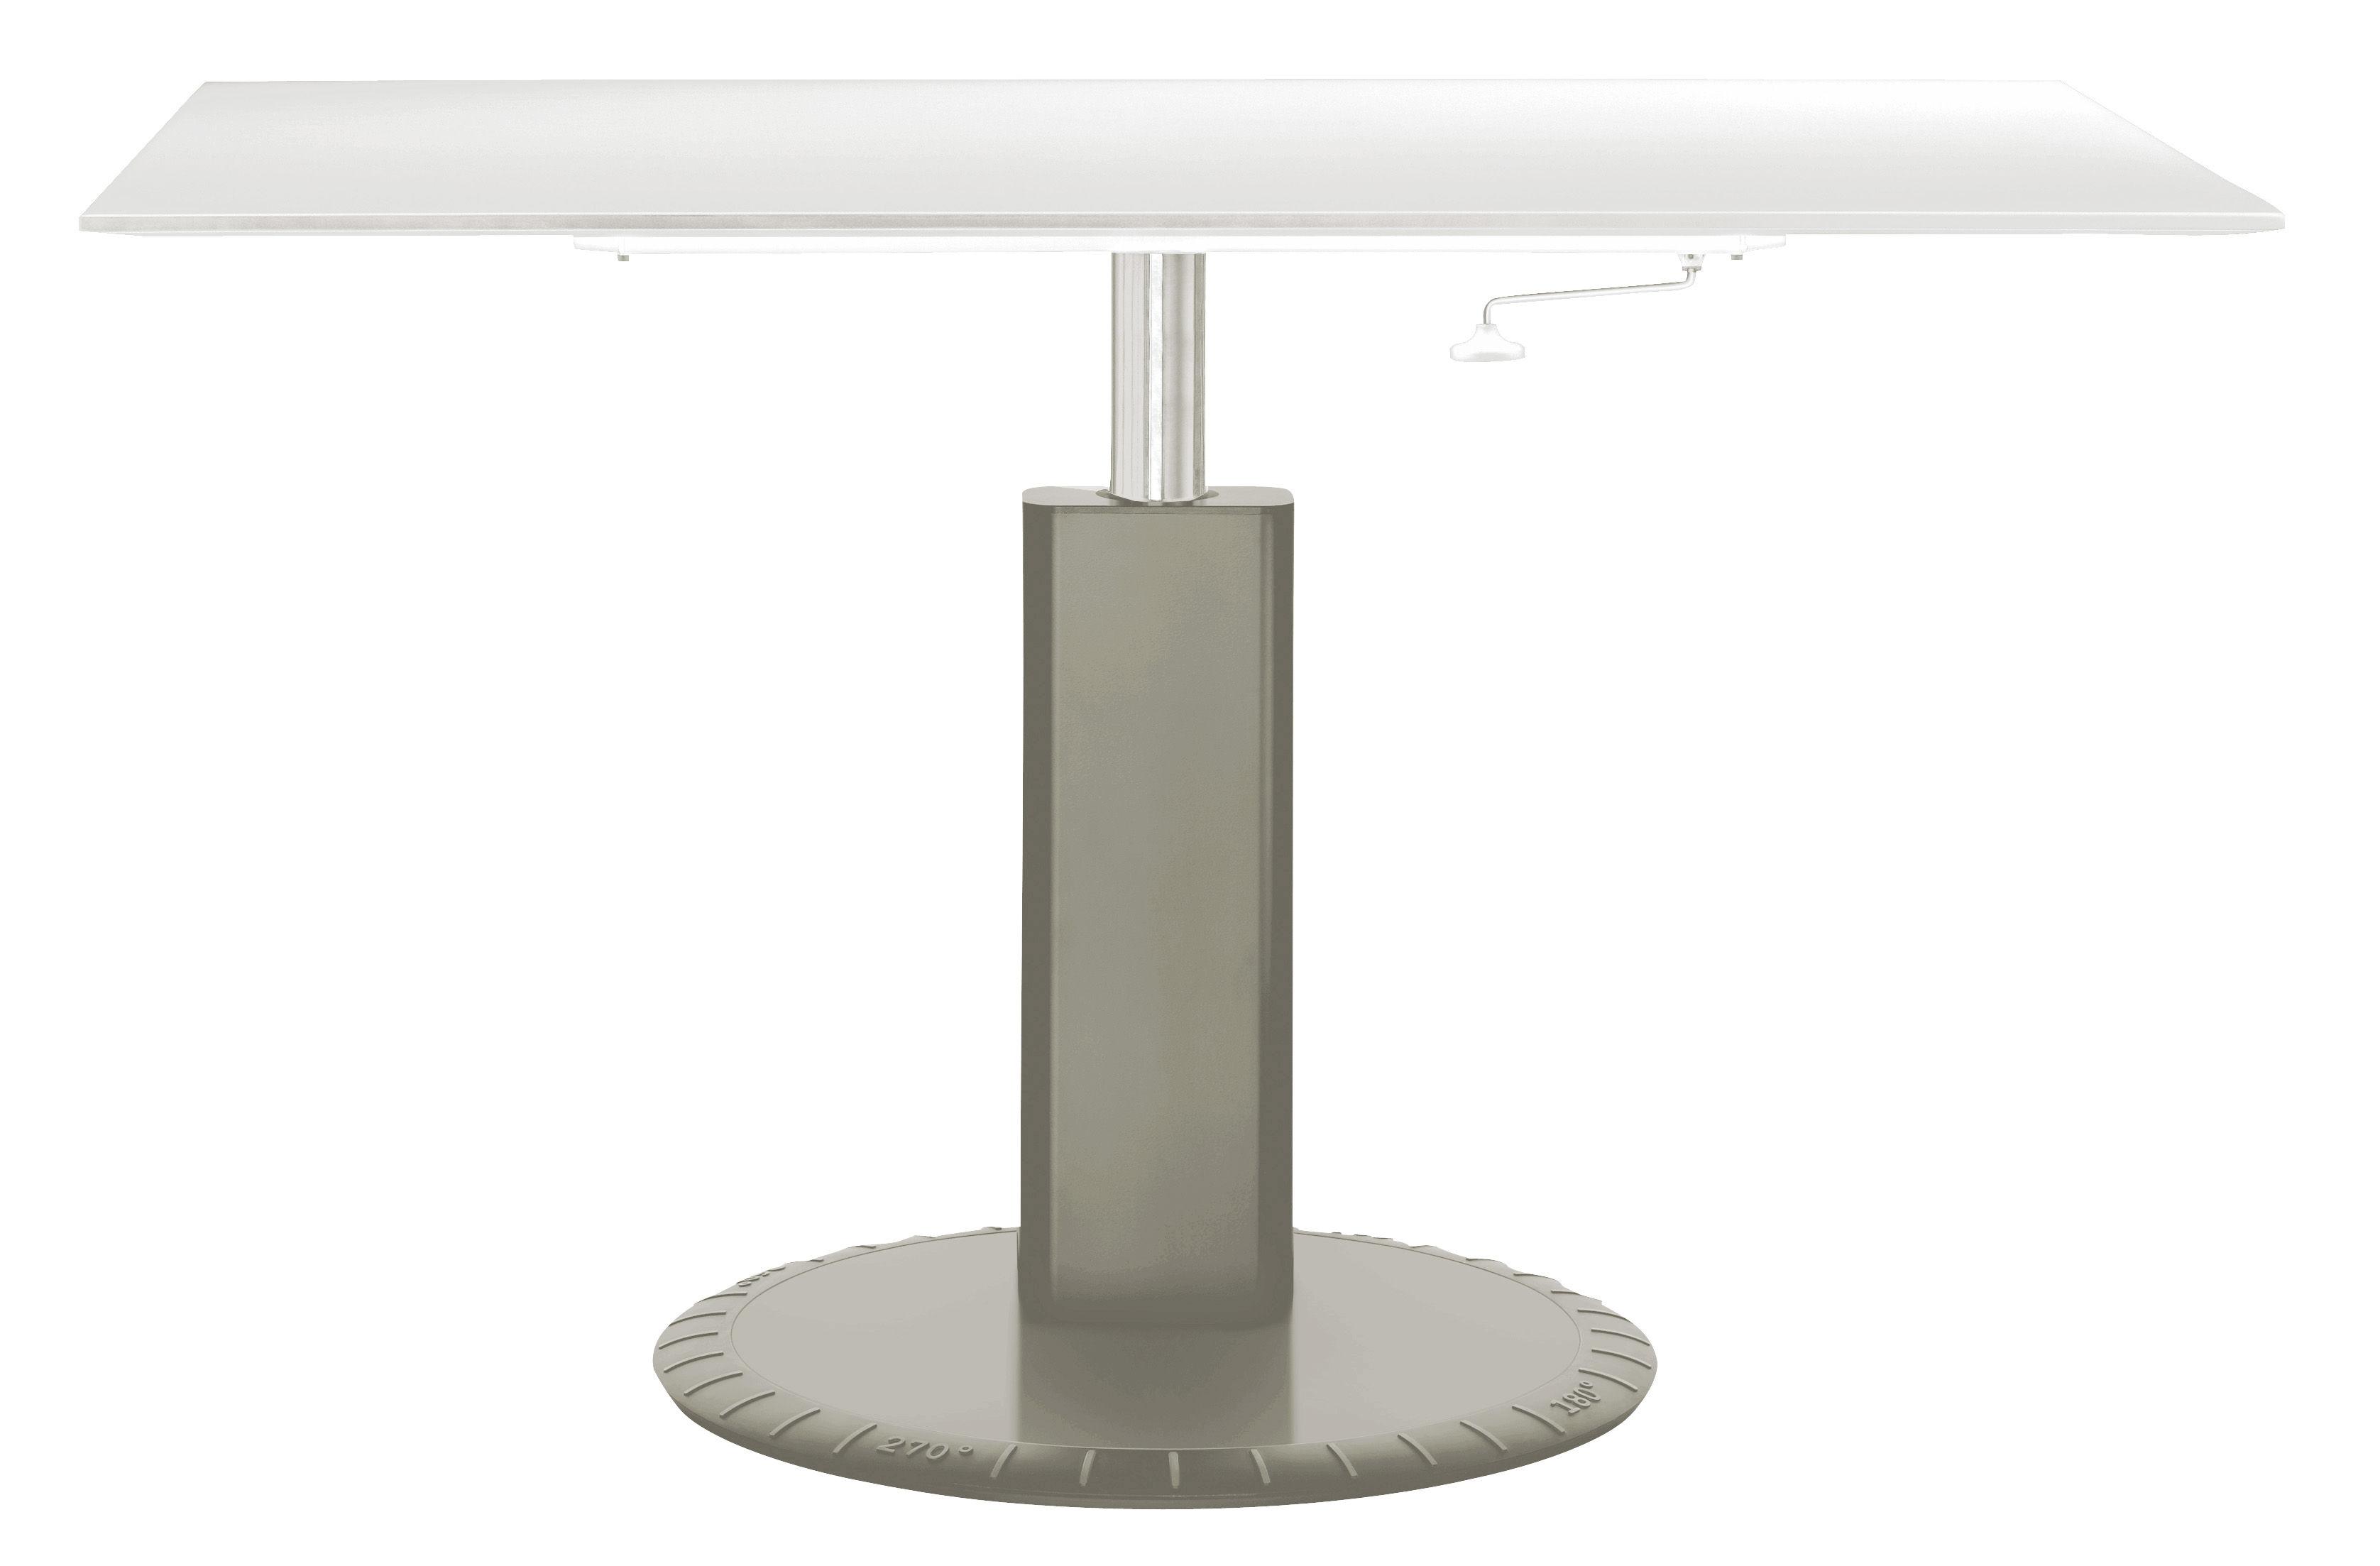 hauteur d une table a manger clp banc places tulip. Black Bedroom Furniture Sets. Home Design Ideas